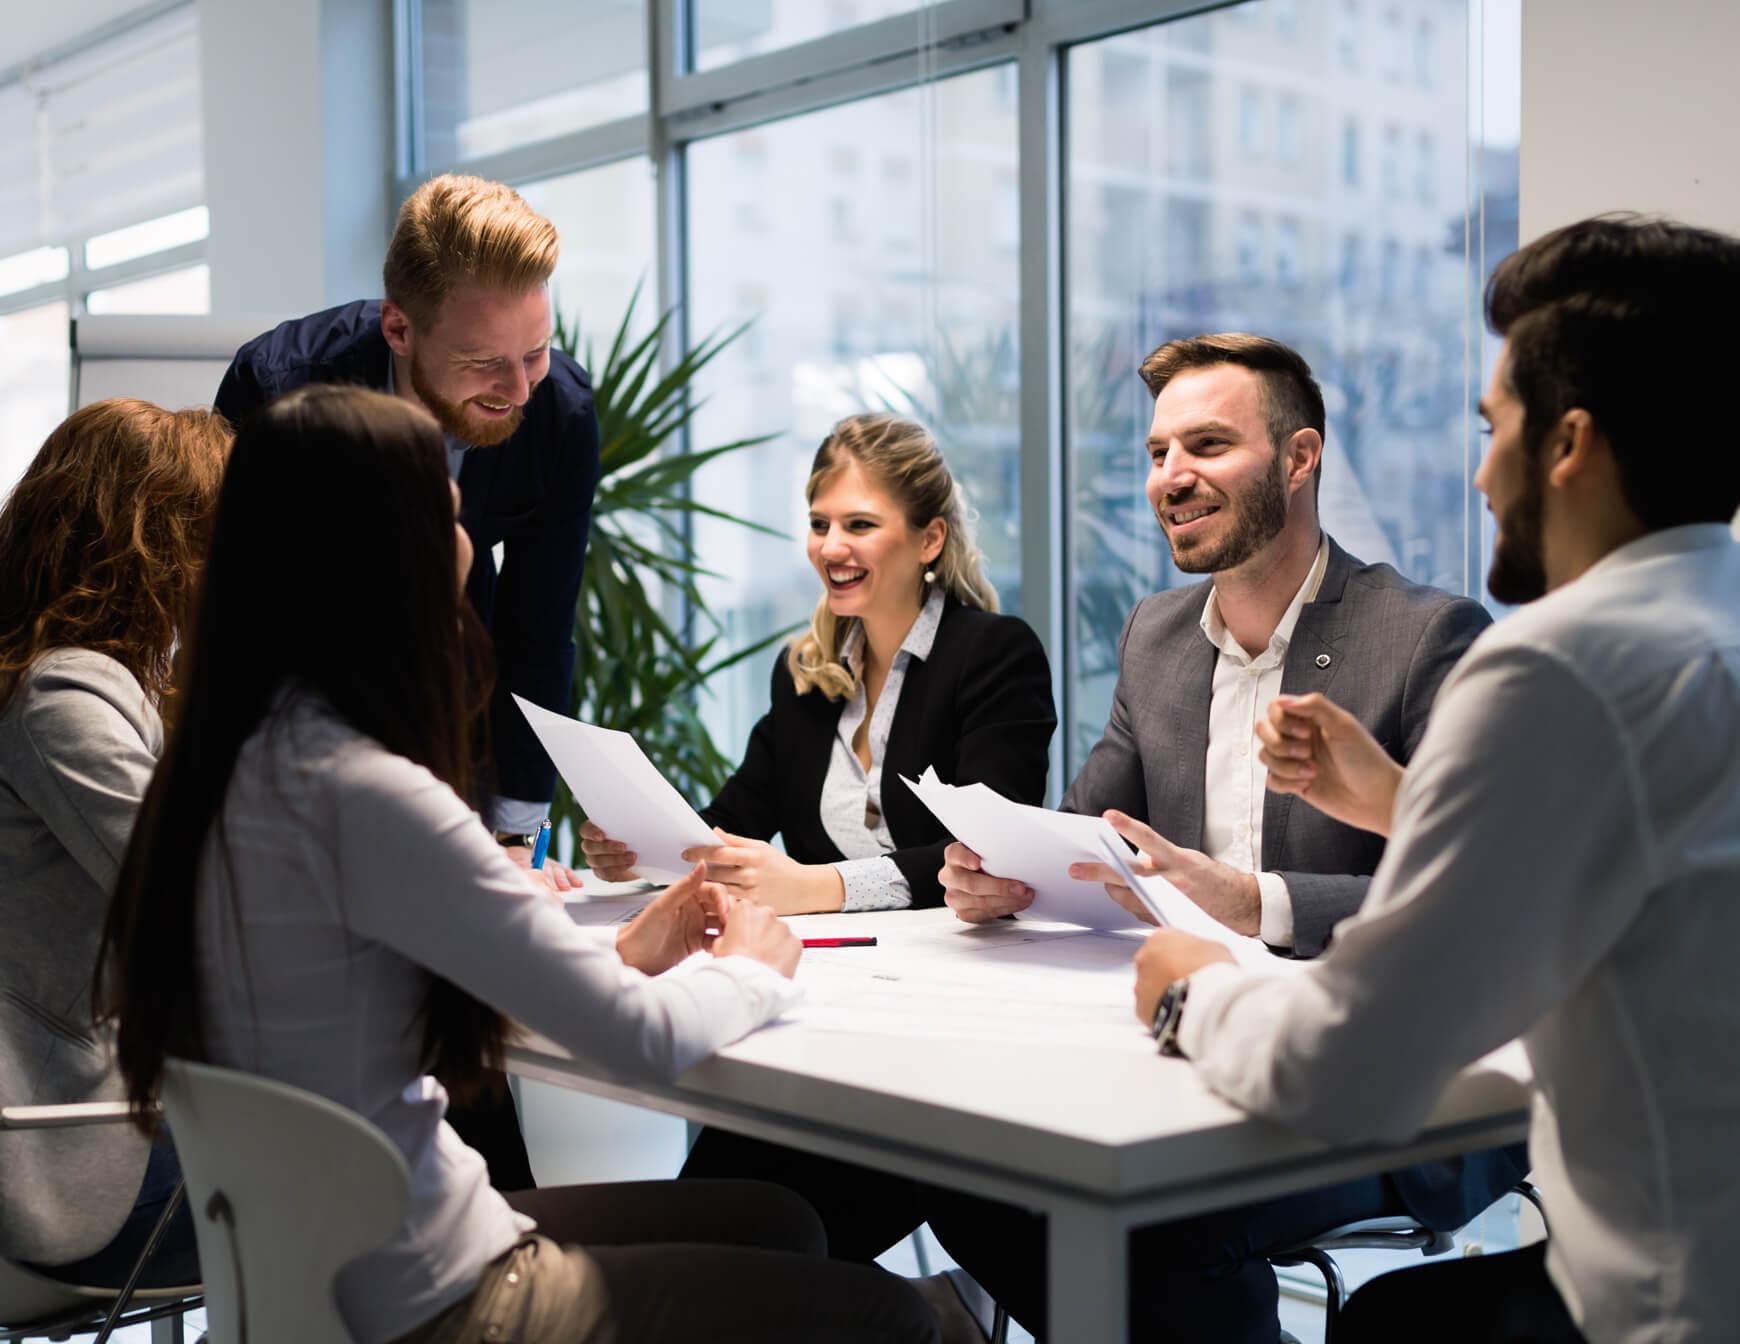 使用 Avast 強化您的企業及客戶體驗